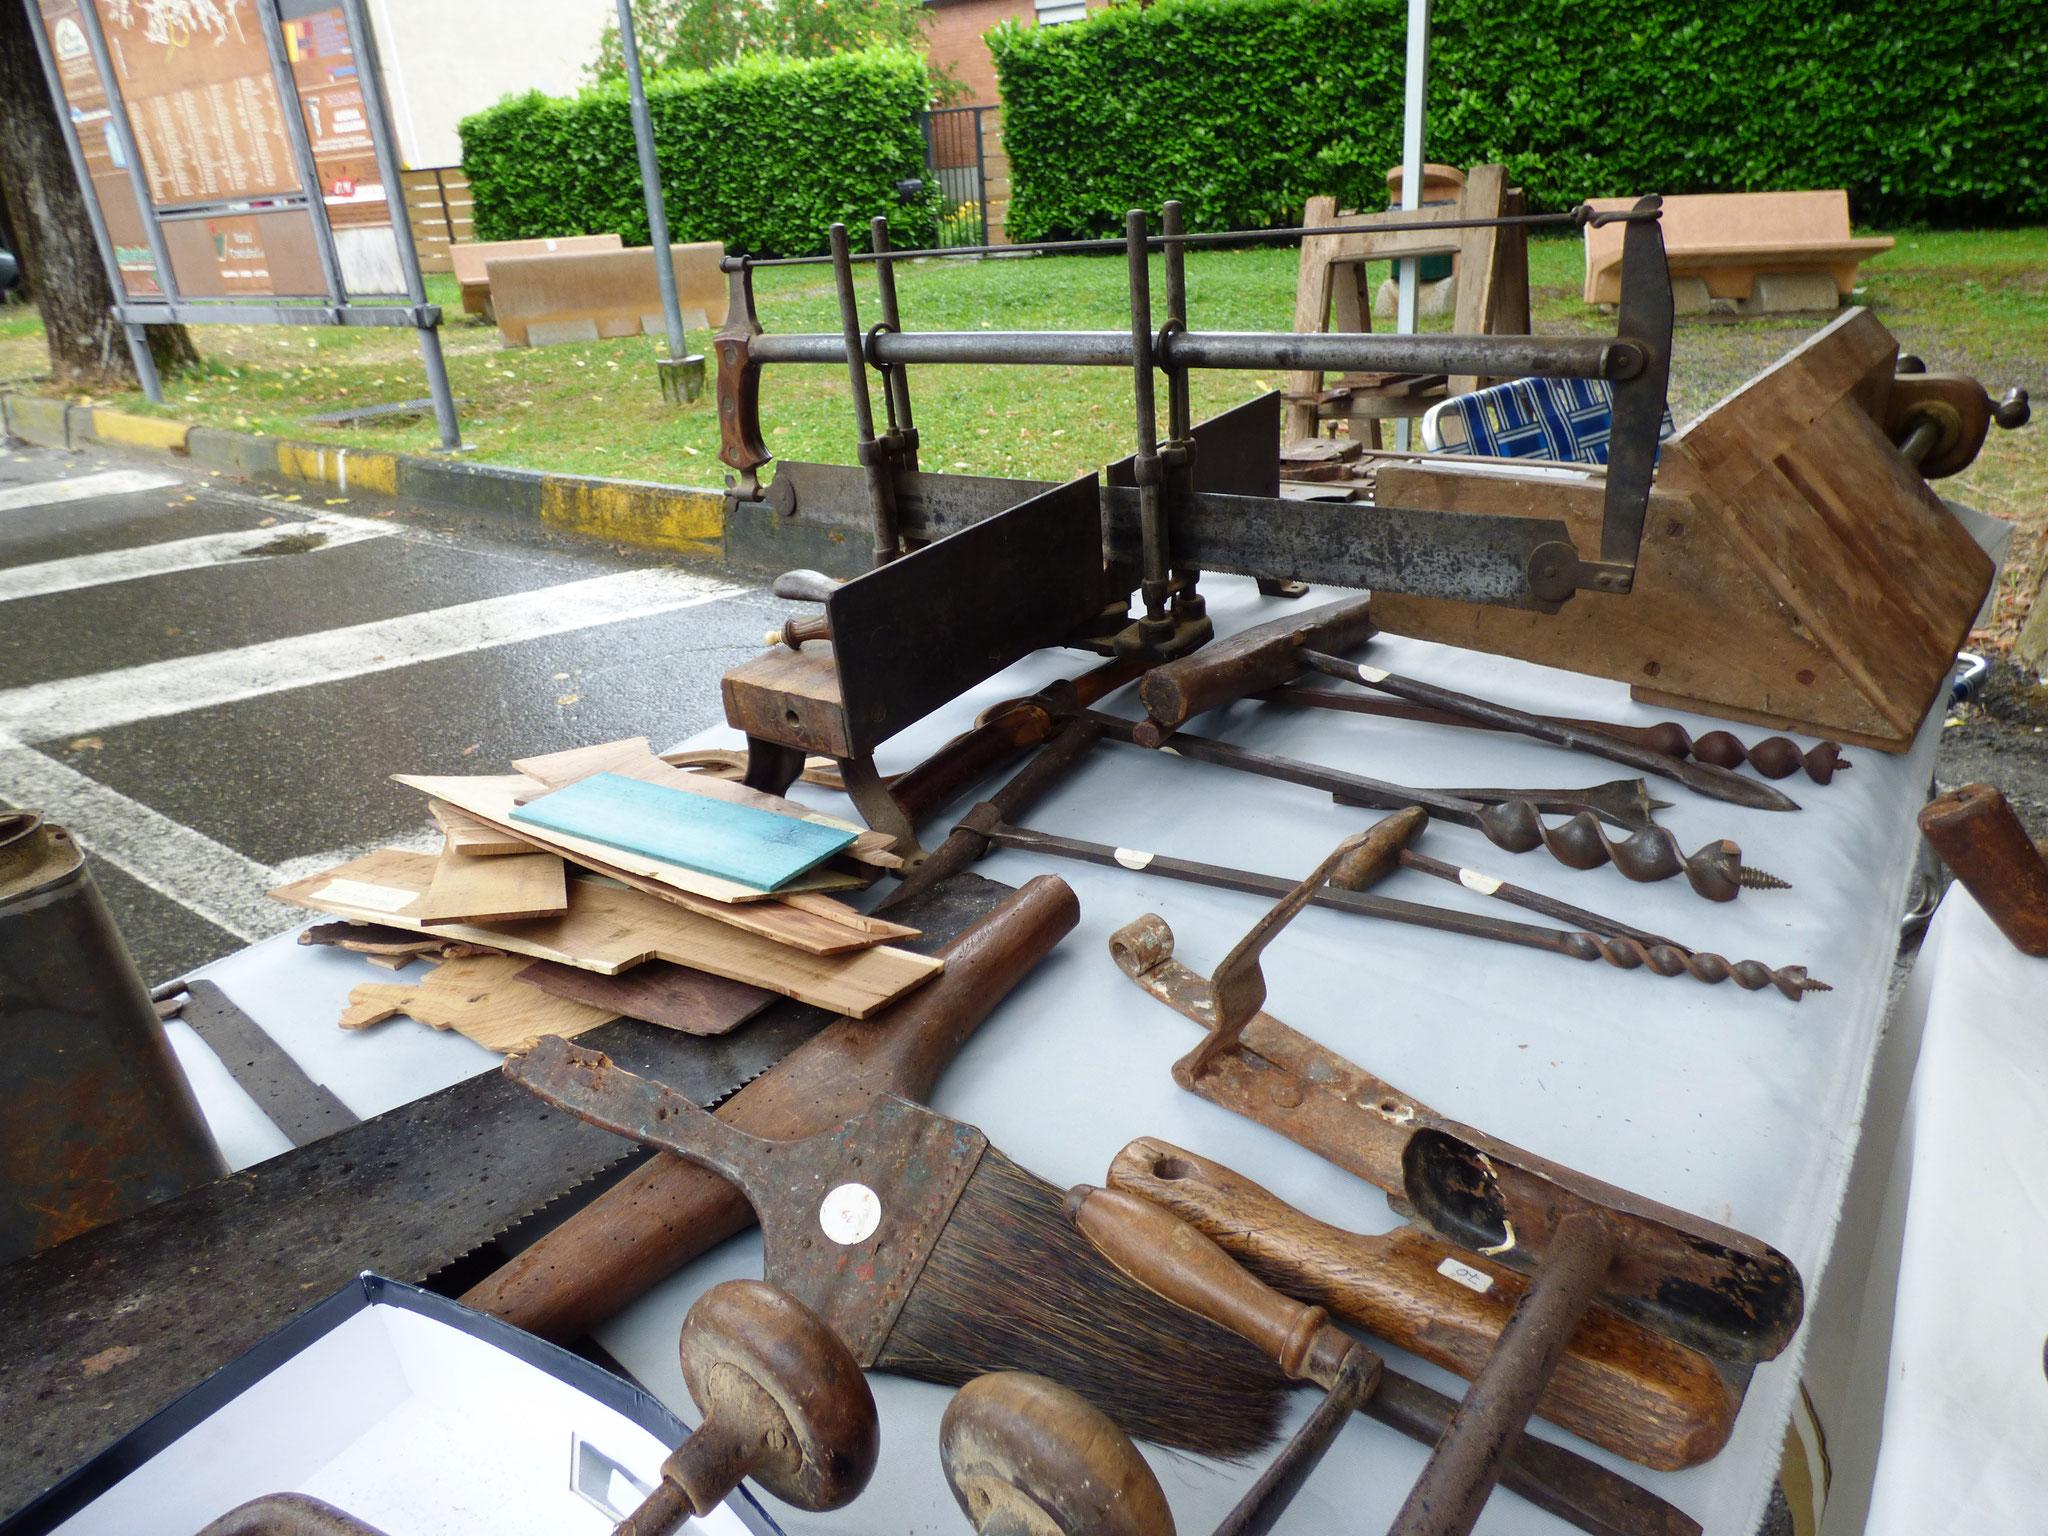 falegnameria e intarsio alla scoperta di antichi mestieri